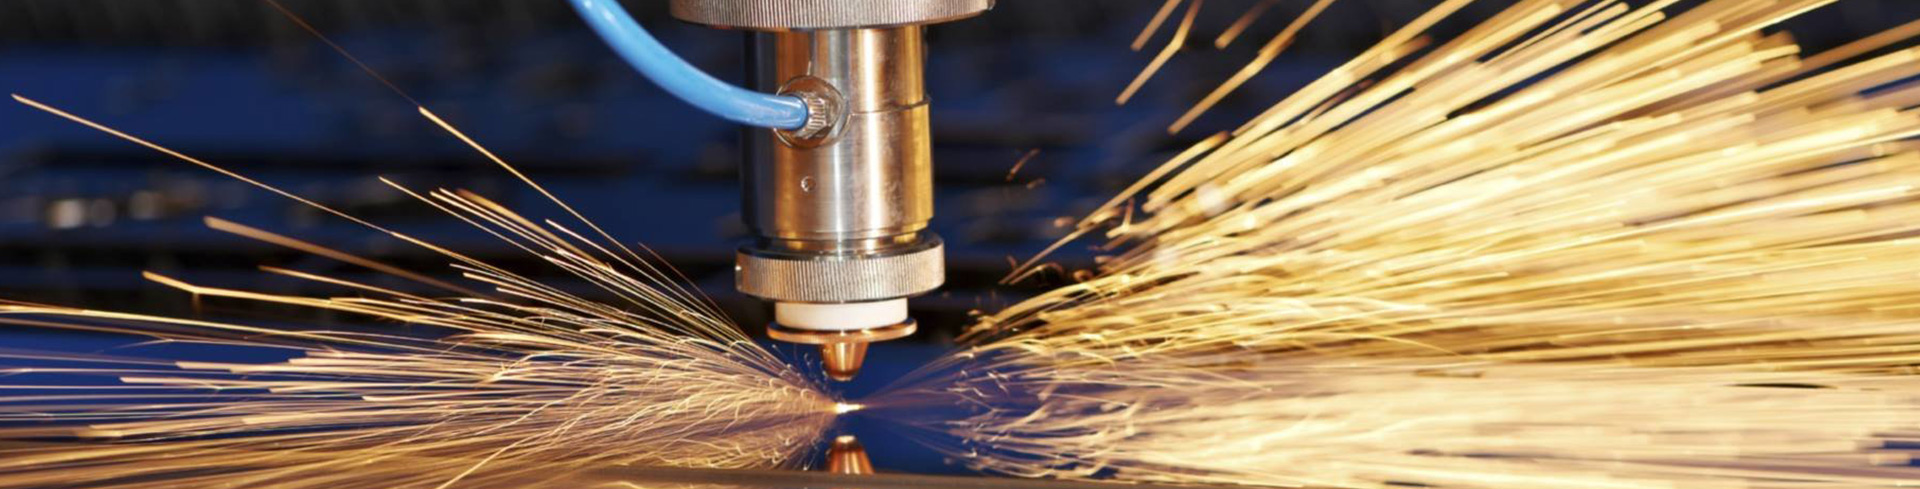 Лазерная резка металла и творчество: пять причин использовать технологию